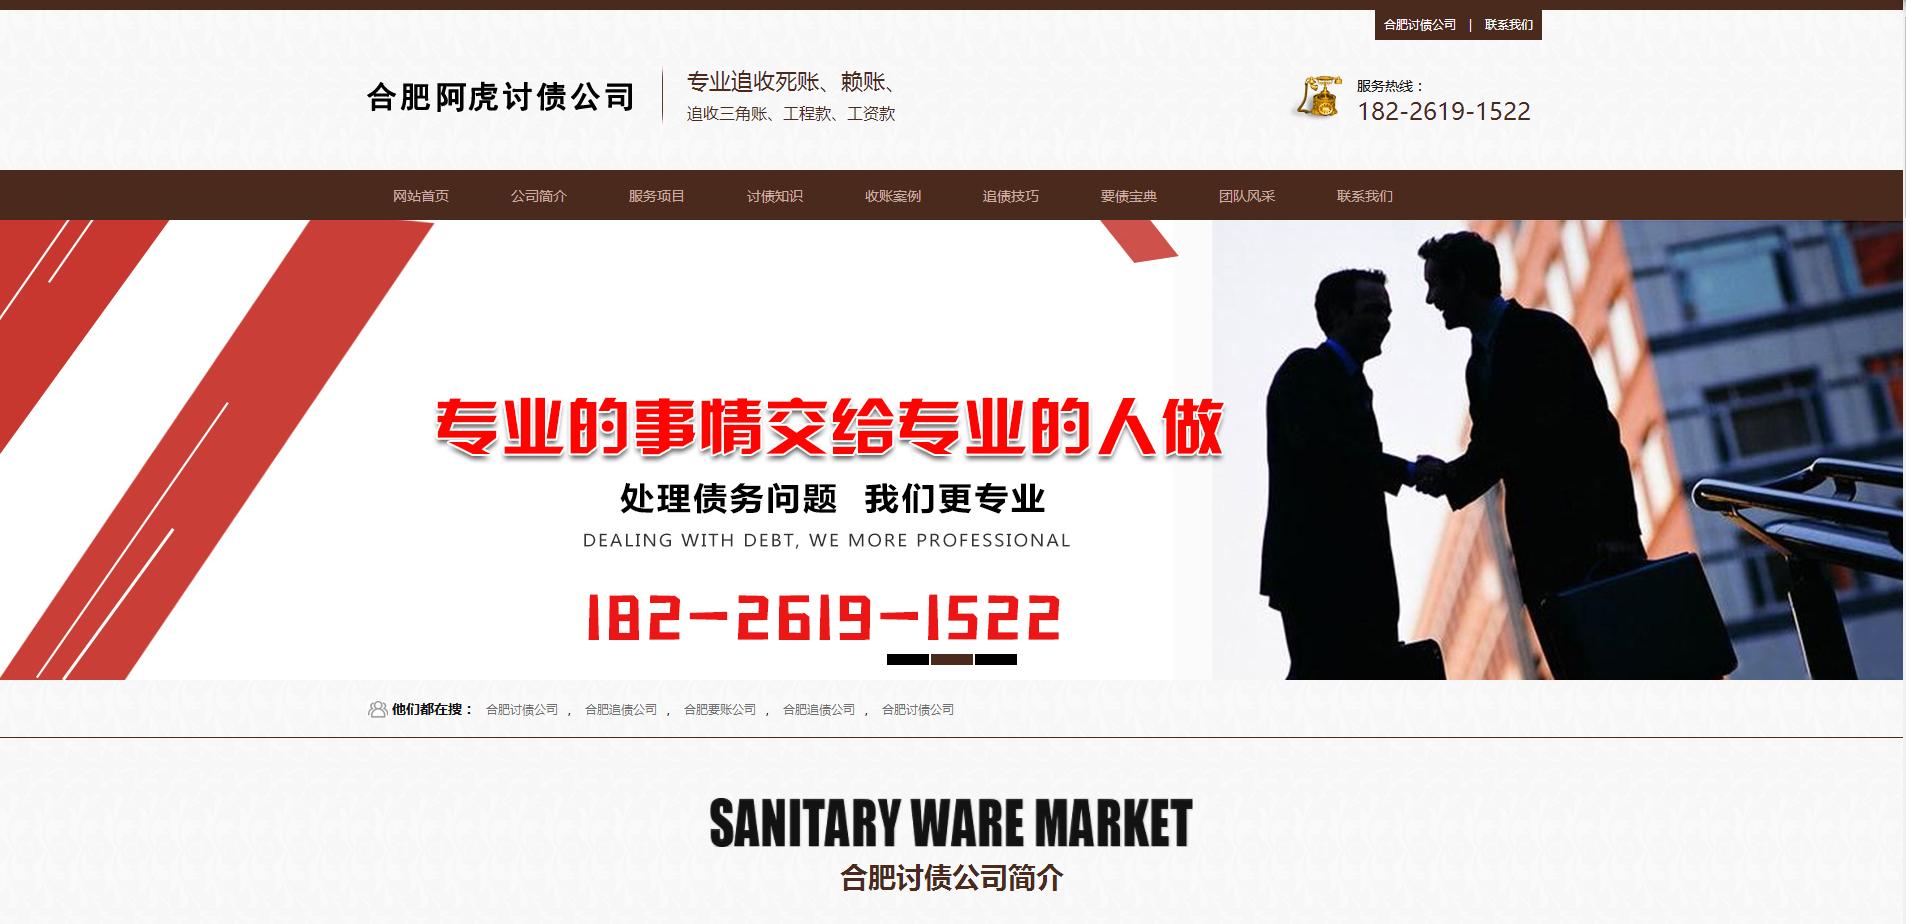 合肥阿虎讨债公司网站建设成功案例